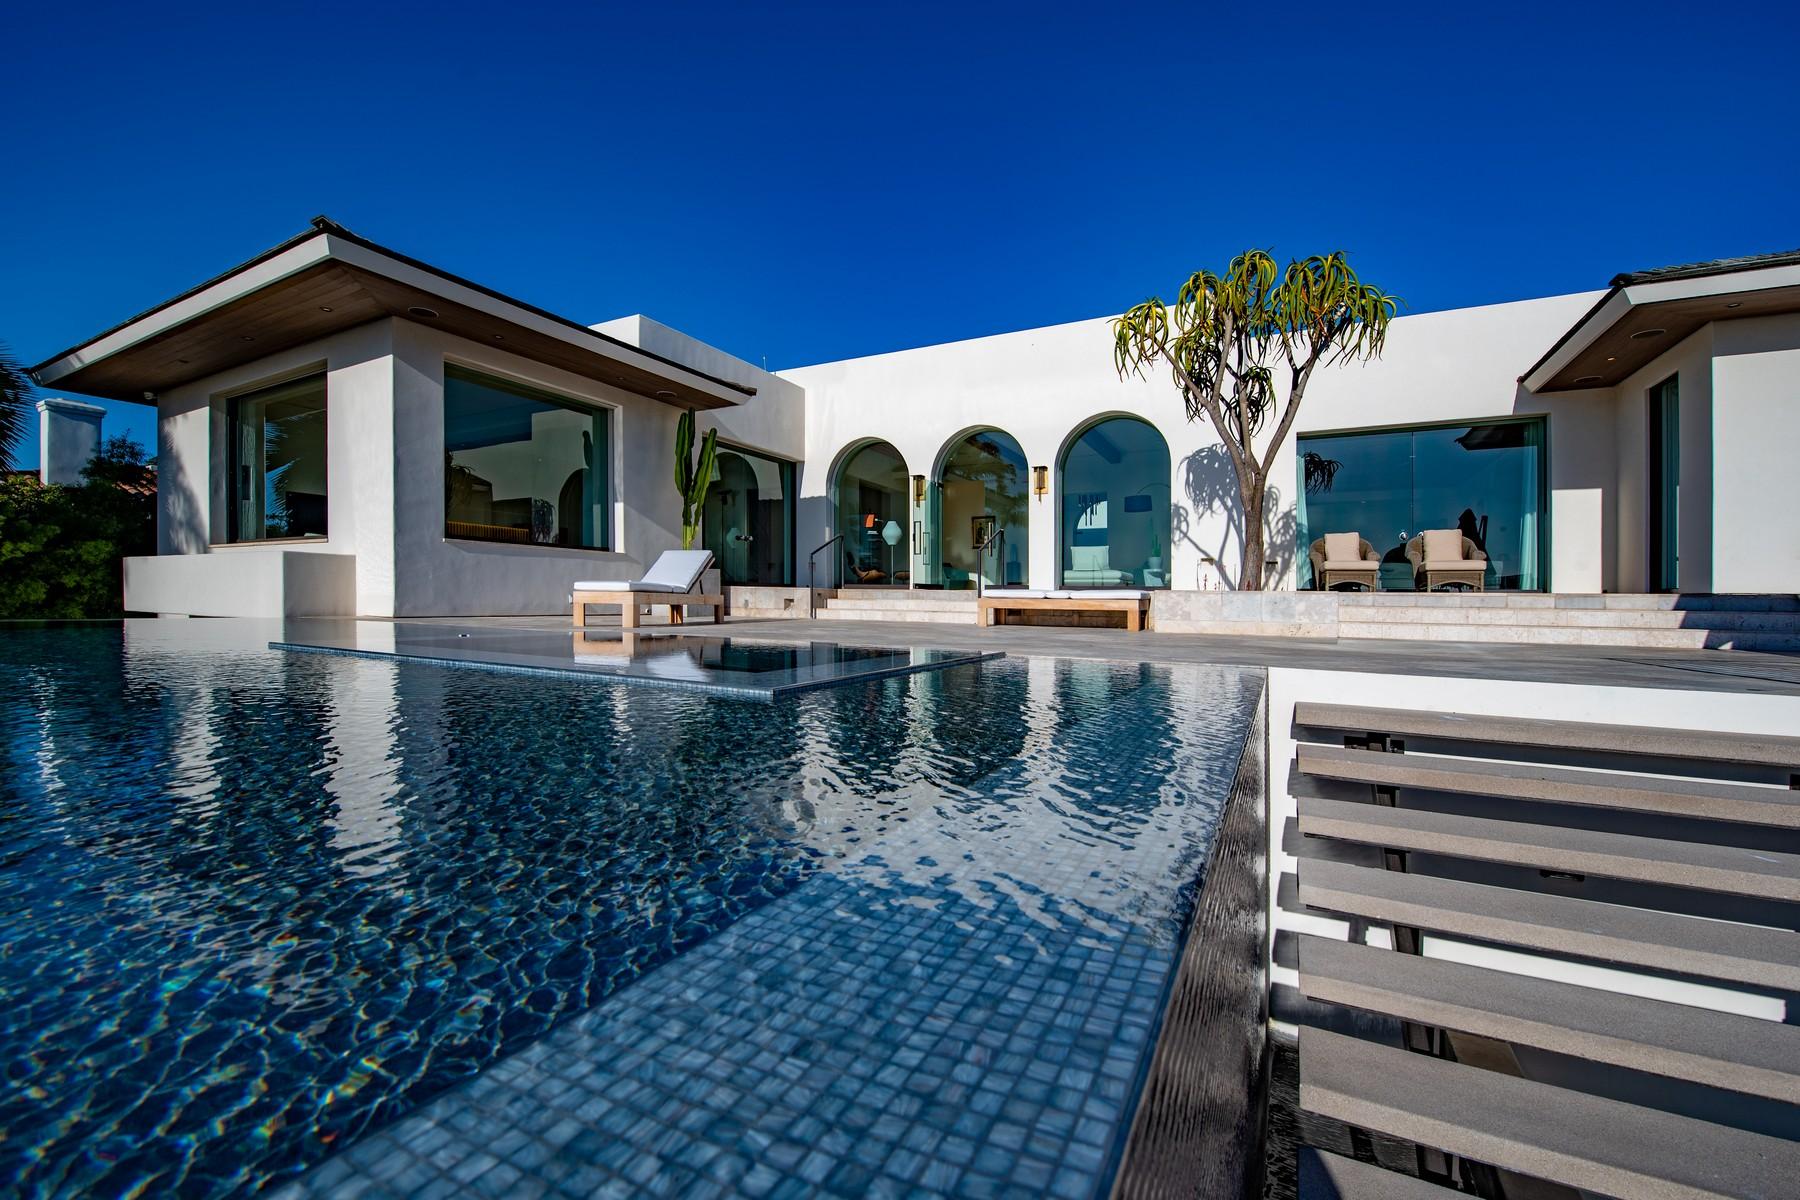 Single Family Homes for Sale at 8350 Calle Del Cielo La Jolla, California 92037 United States